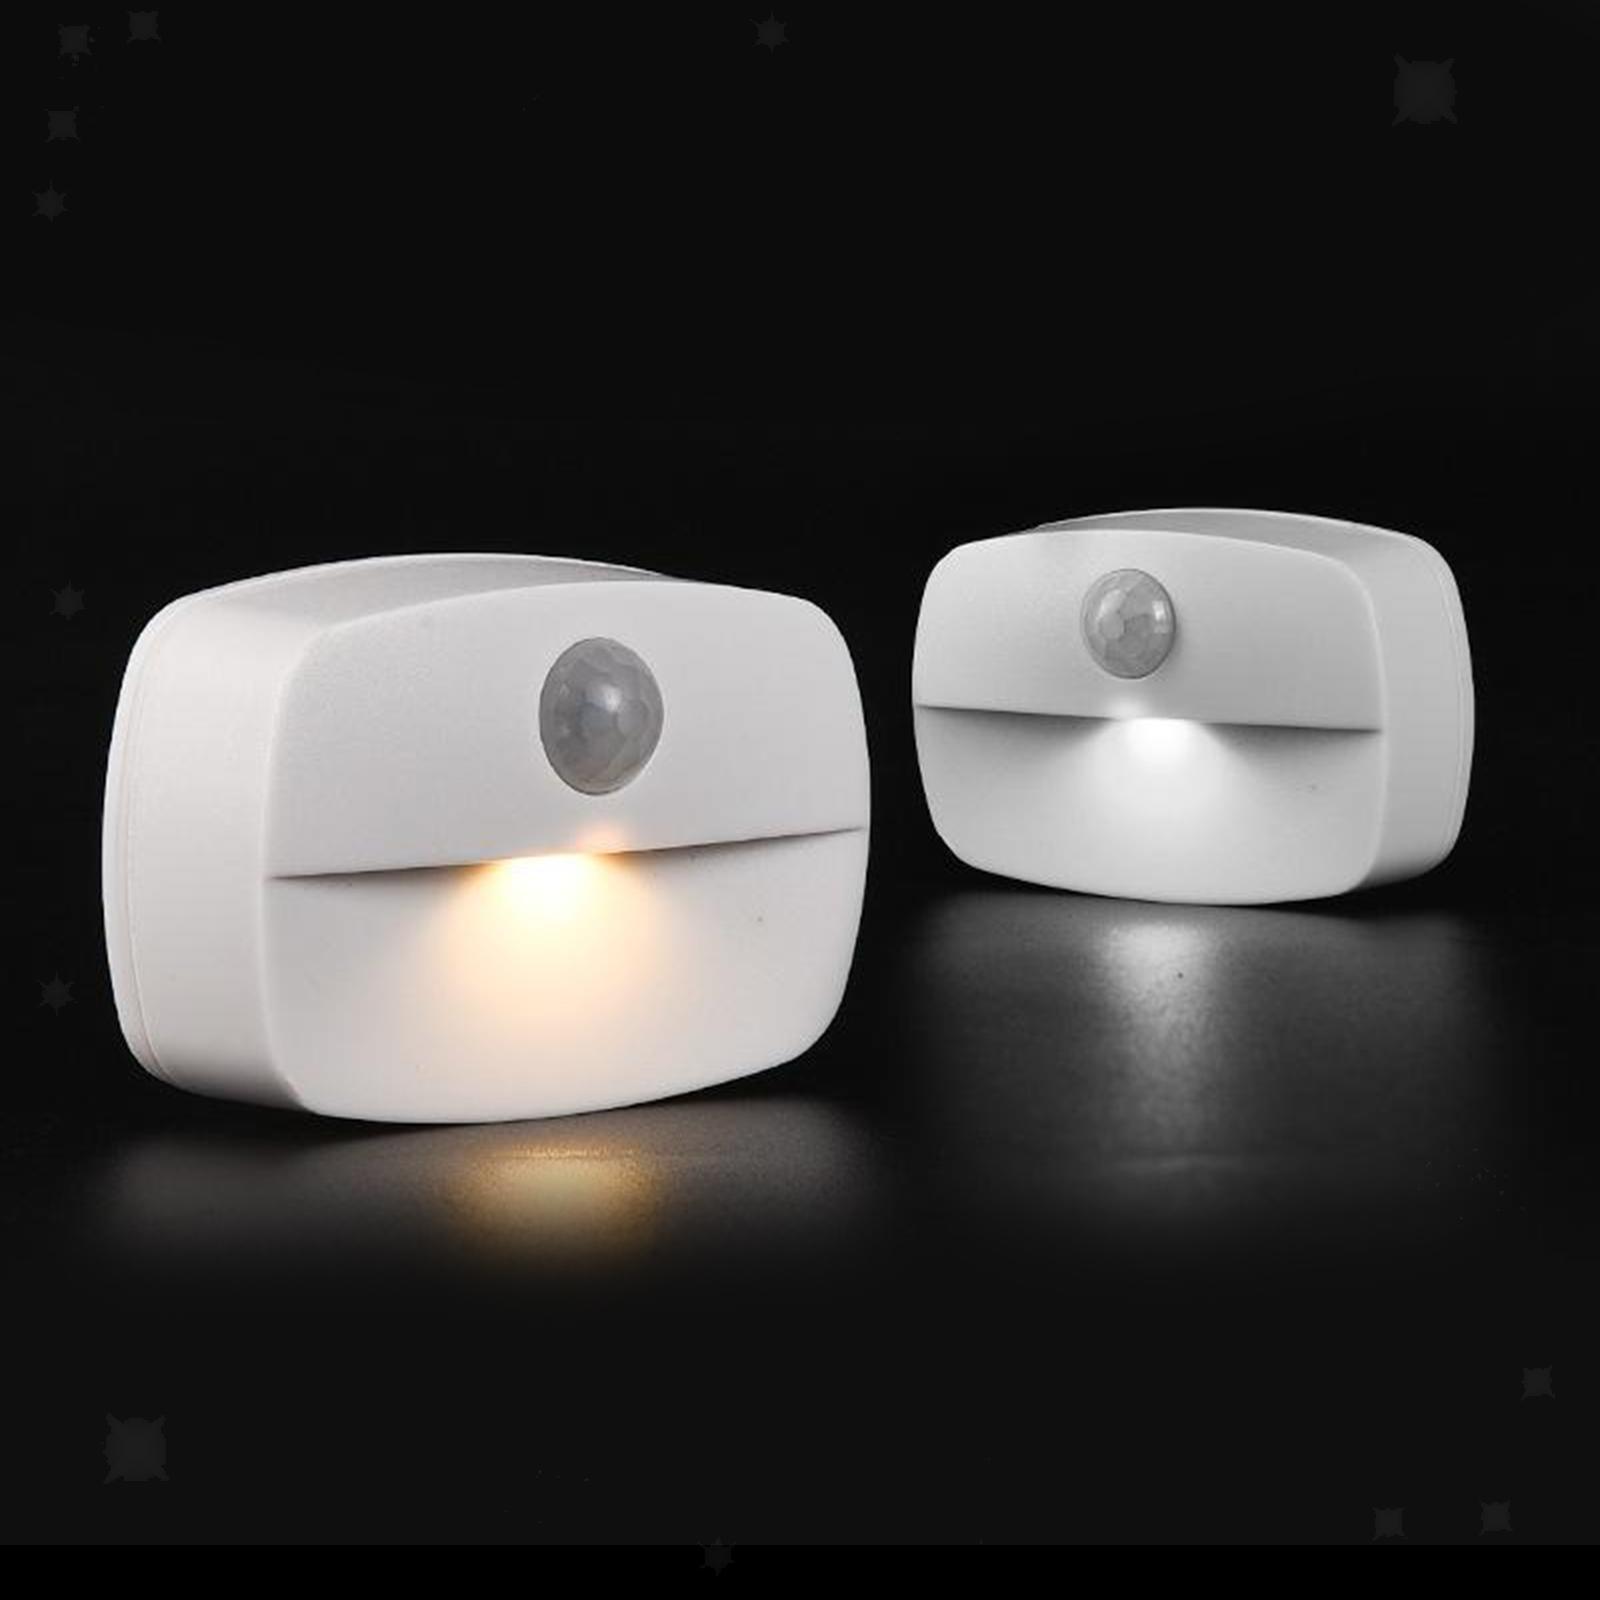 miniatura 3 - Lampada-da-parete-multifunzione-a-LED-con-sensore-di-movimento-Lampada-da-parete